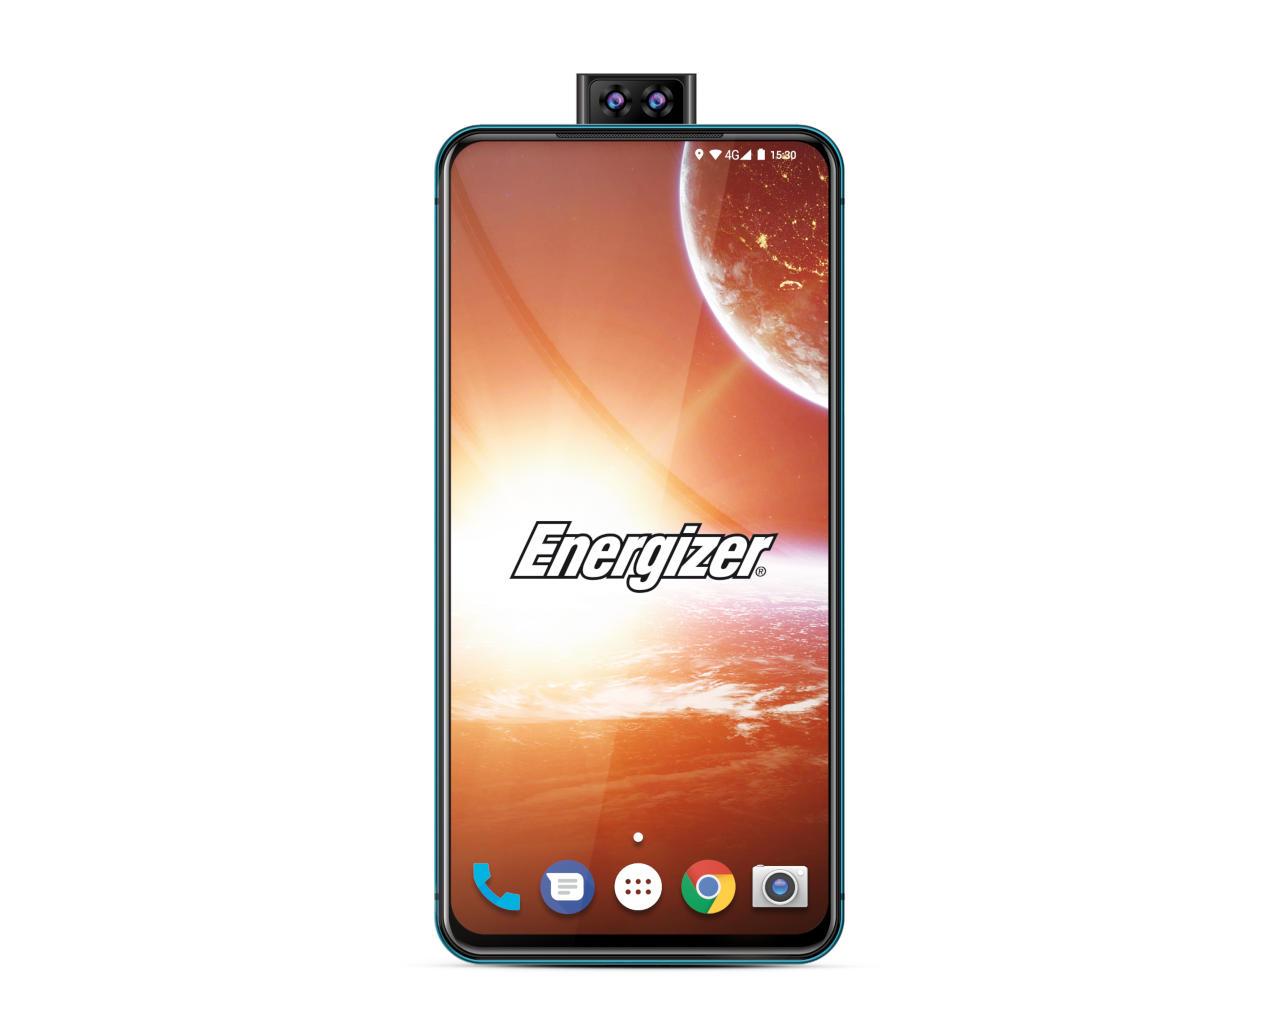 Energizer cherche du financement sur IndieGogo pour son énorme smartphone